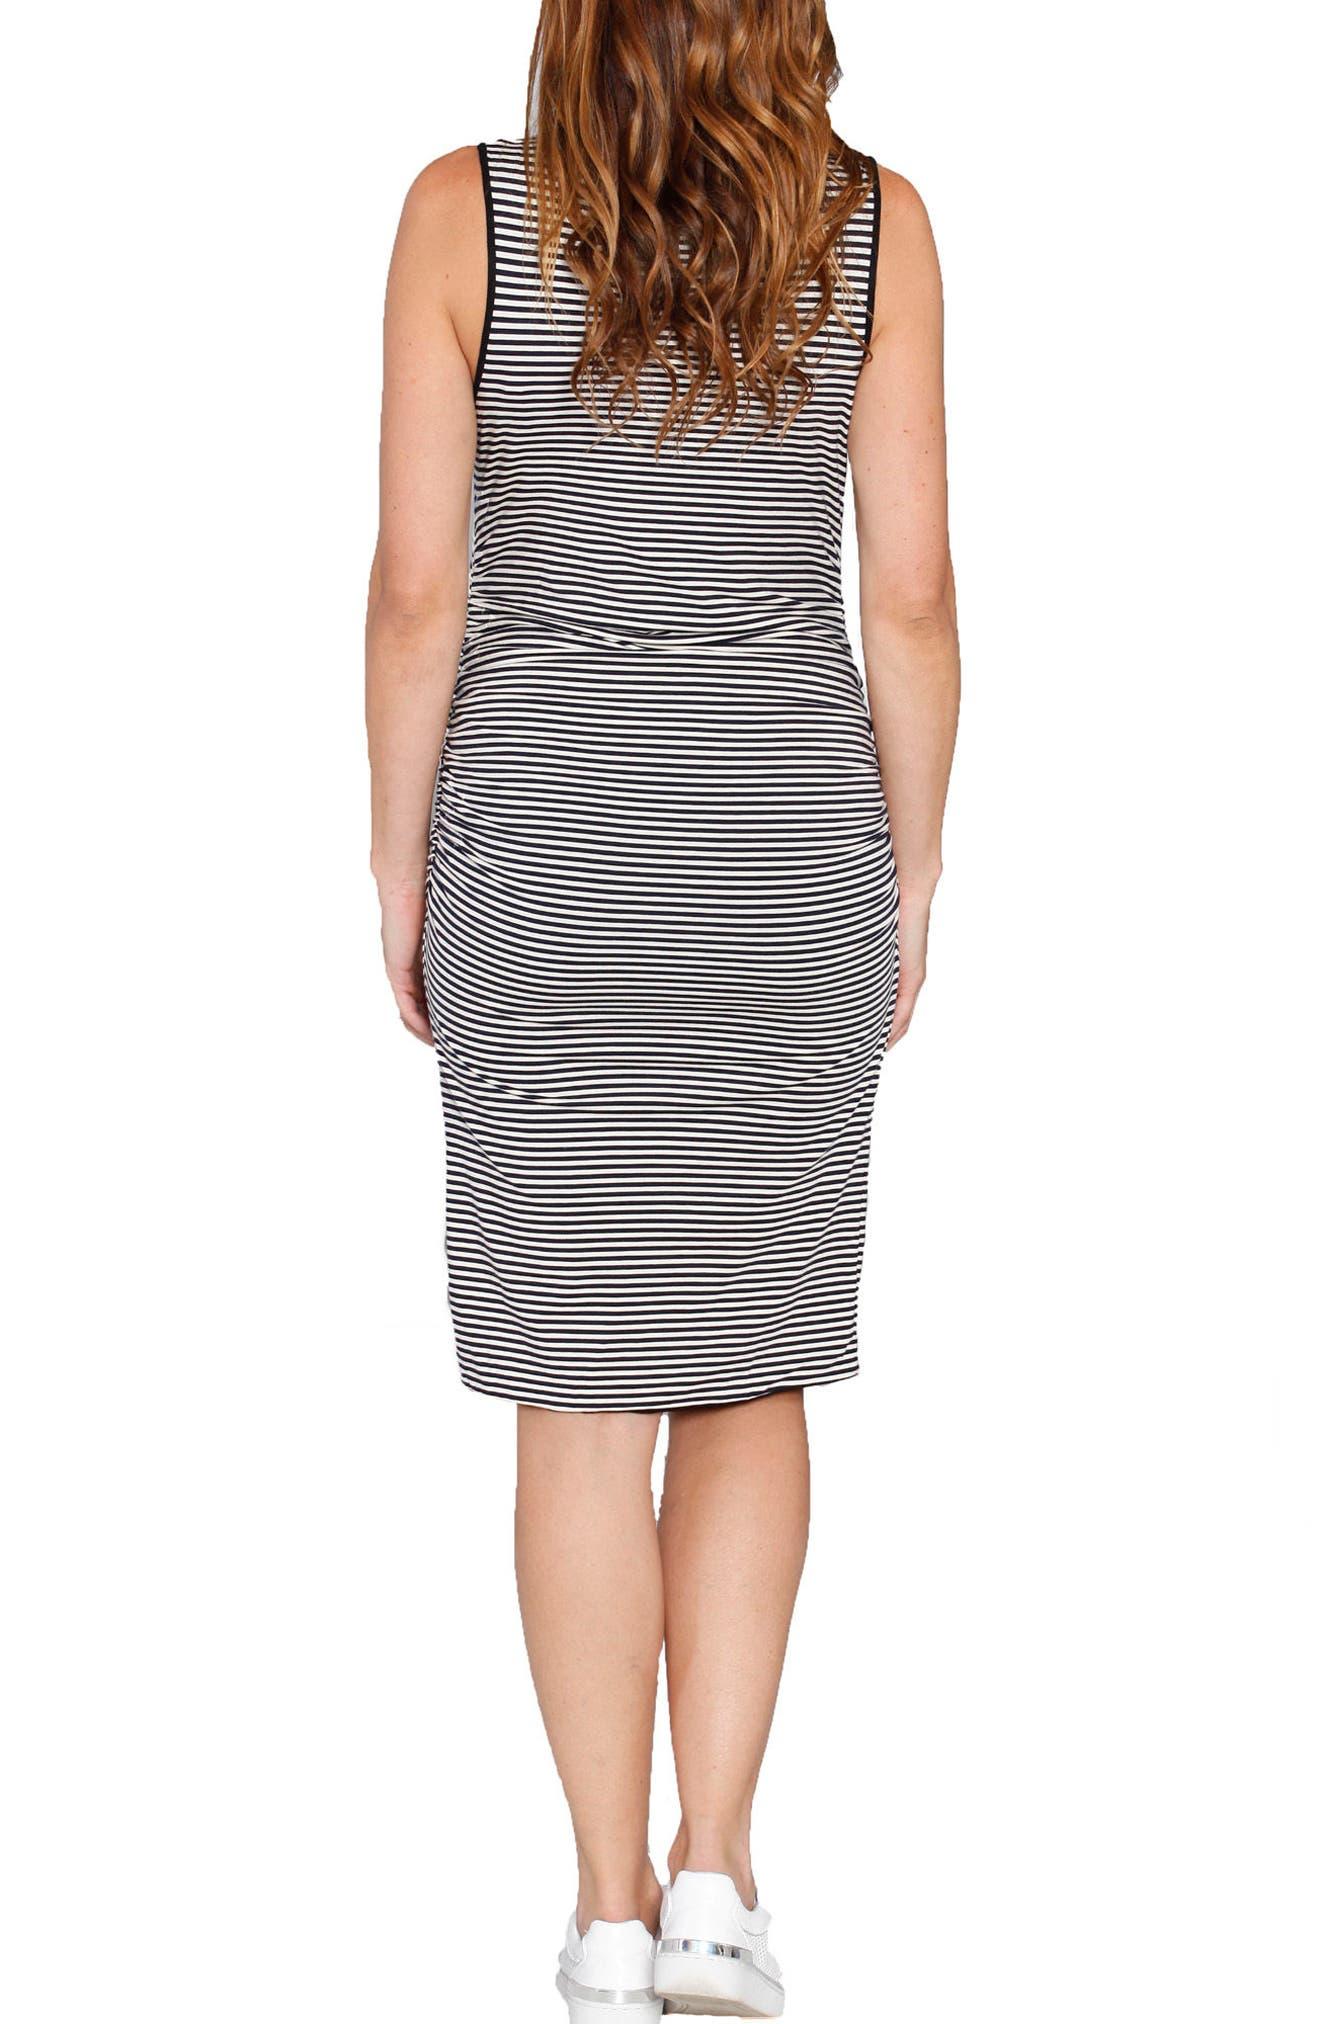 Reversible Maternity Tank Dress,                             Alternate thumbnail 2, color,                             STRIPES